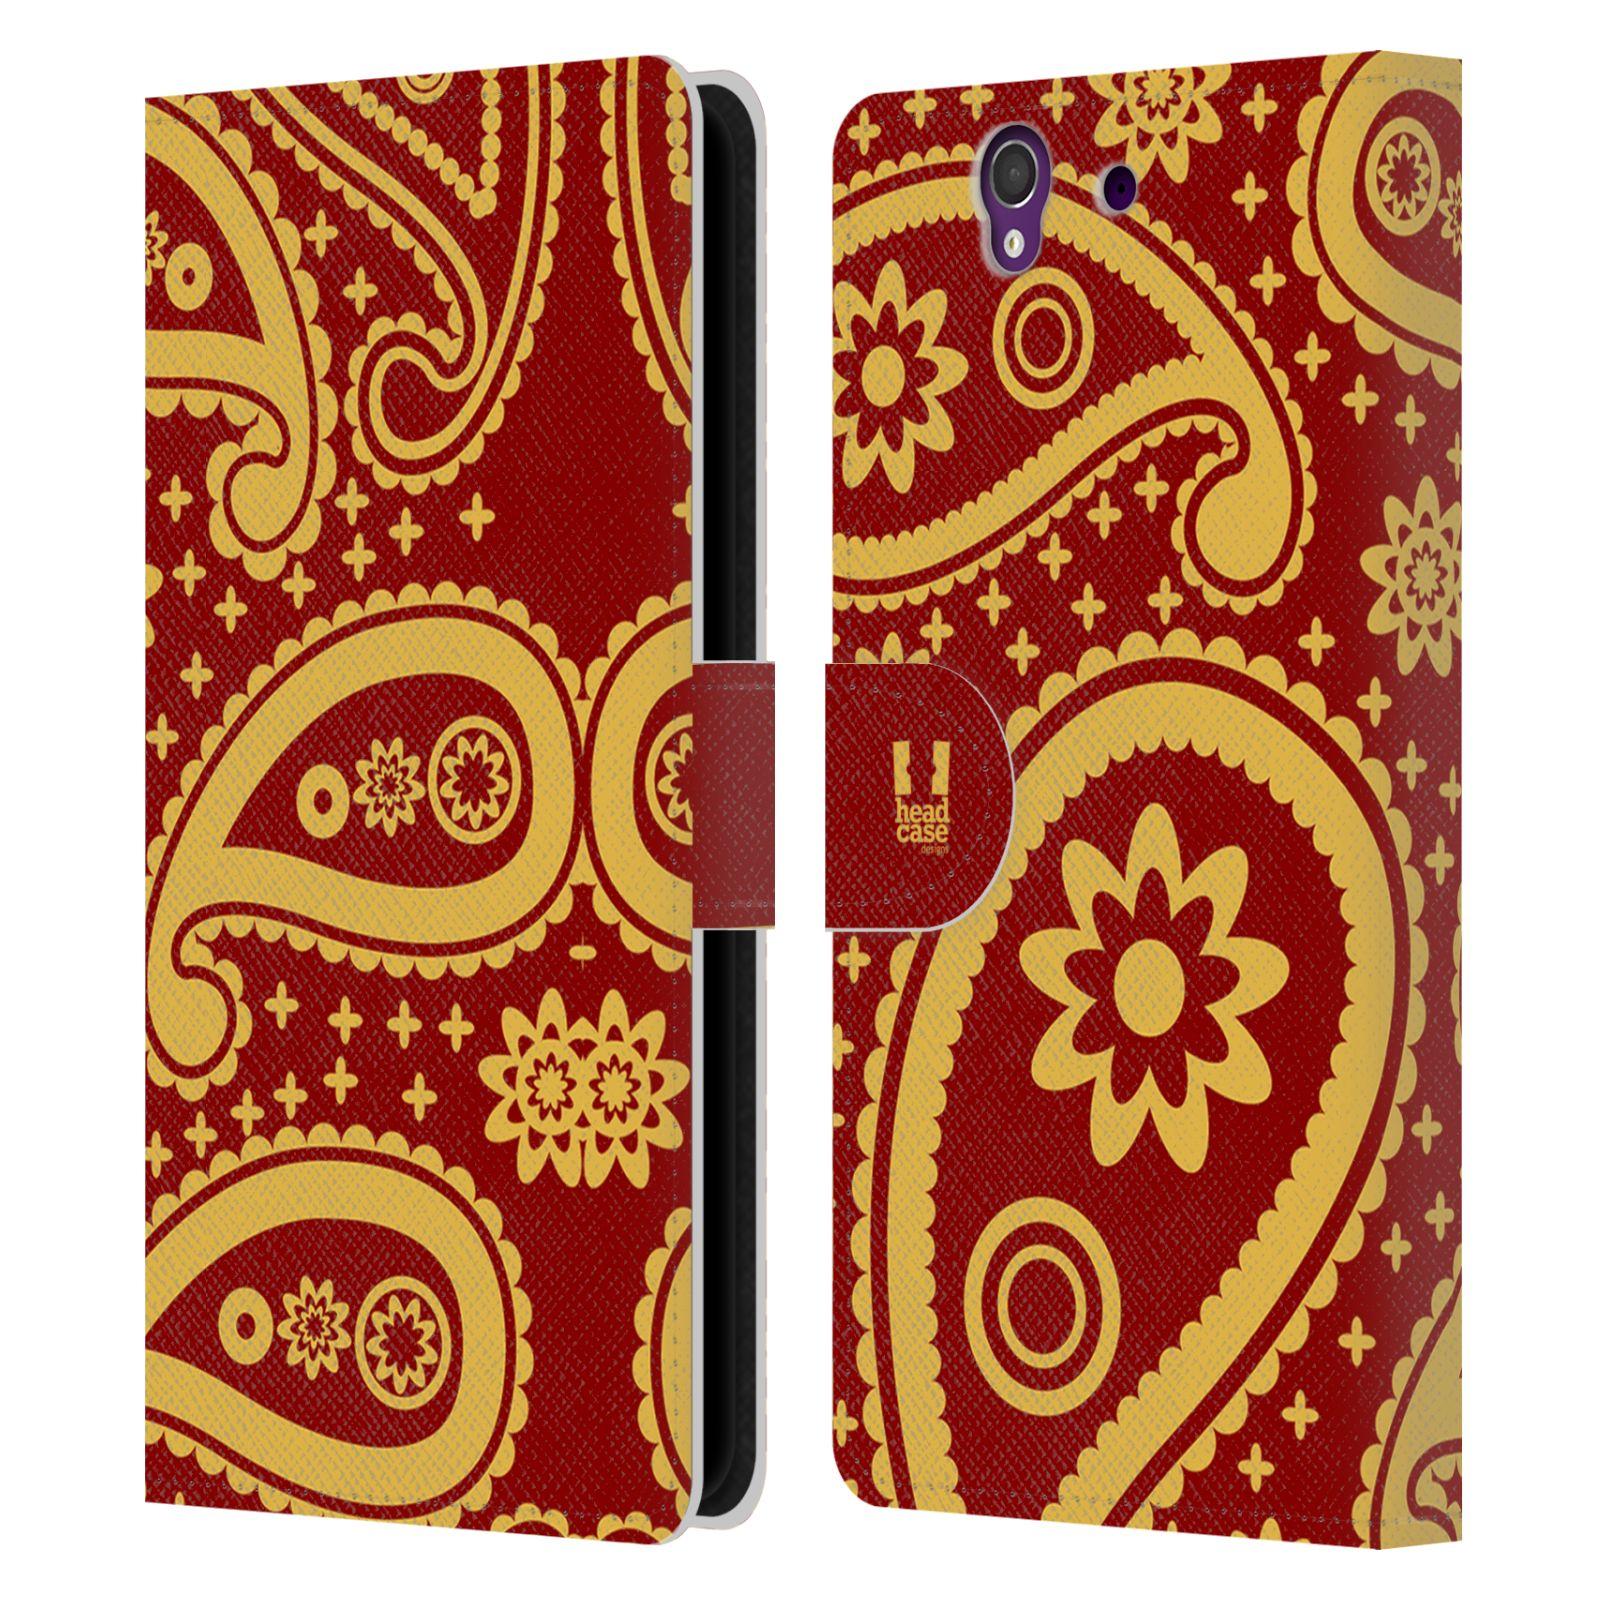 HEAD CASE Flipové pouzdro pro mobil SONY XPERIA Z (C6603) barevné slzy červená a žlutá